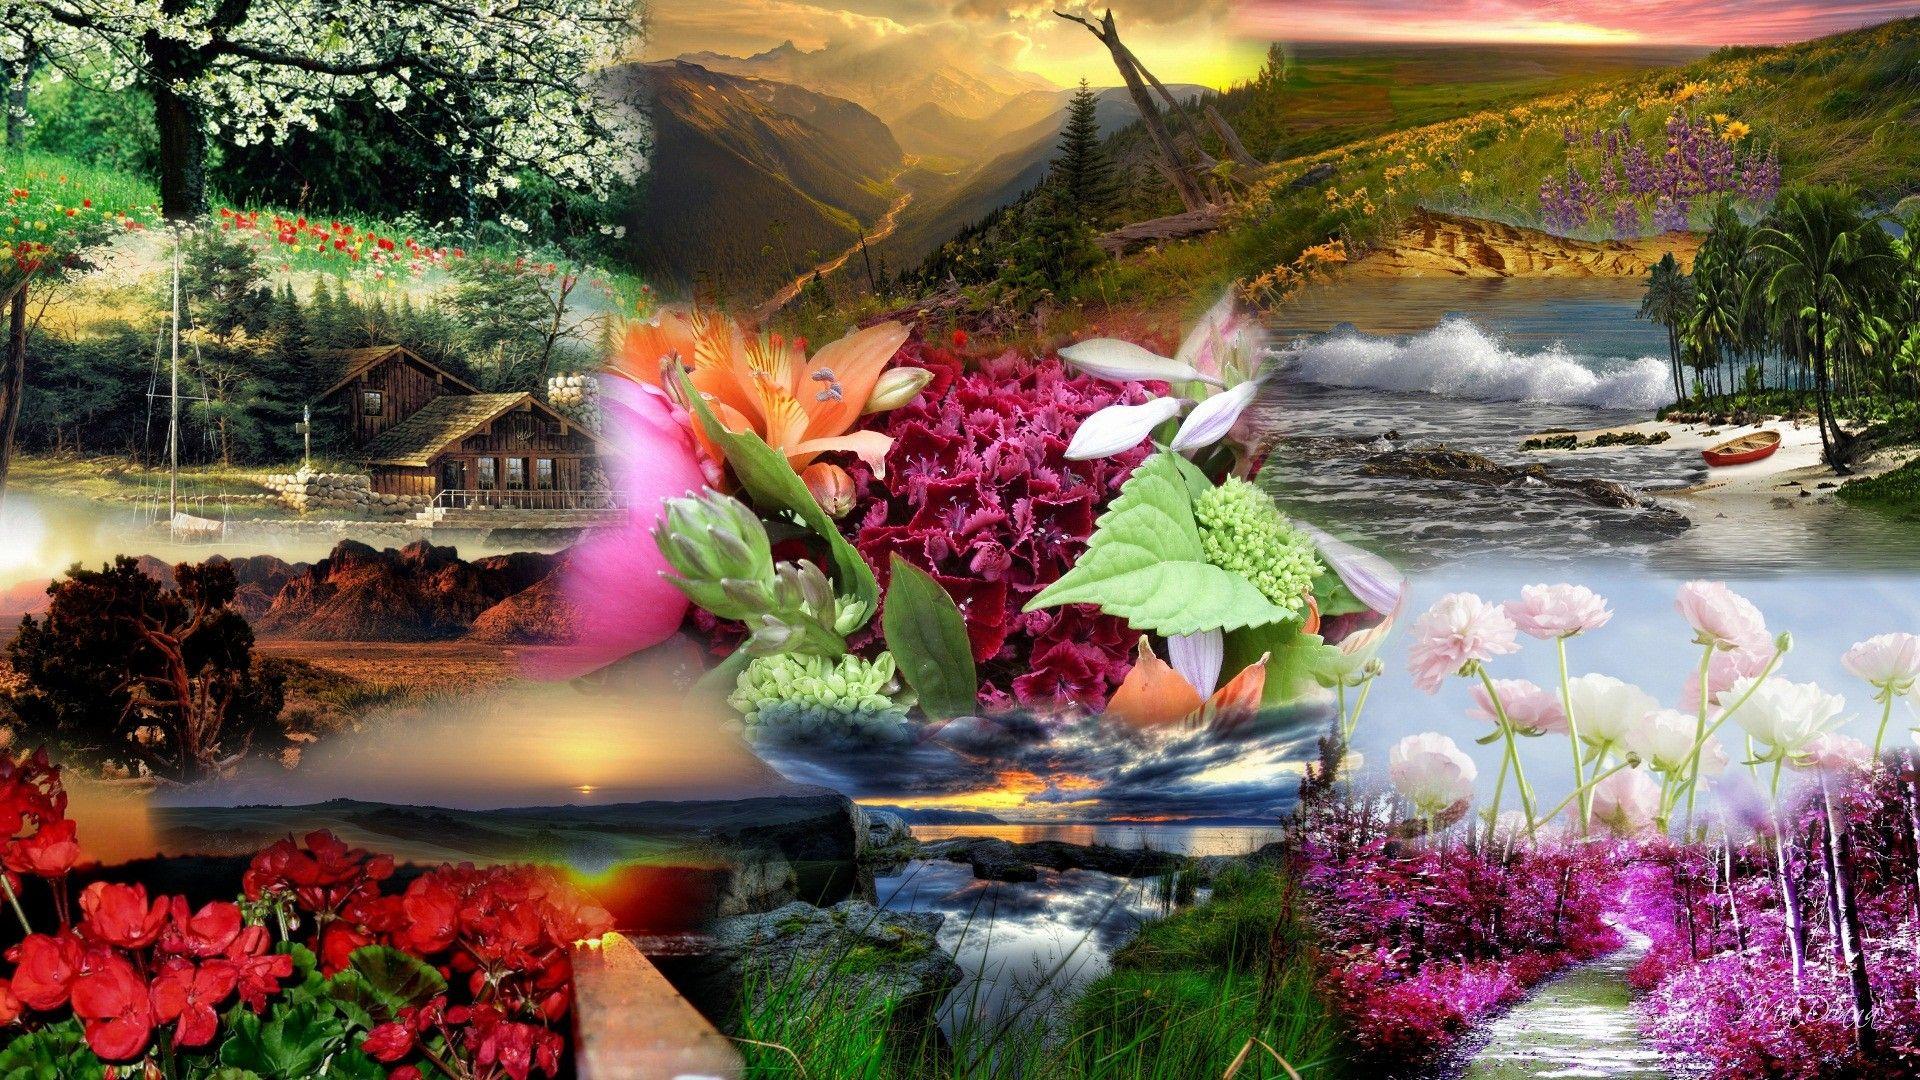 Most Beautiful Nature Widescreen High Definition Wallpaper - Desktop Background Beautiful Nature - HD Wallpaper